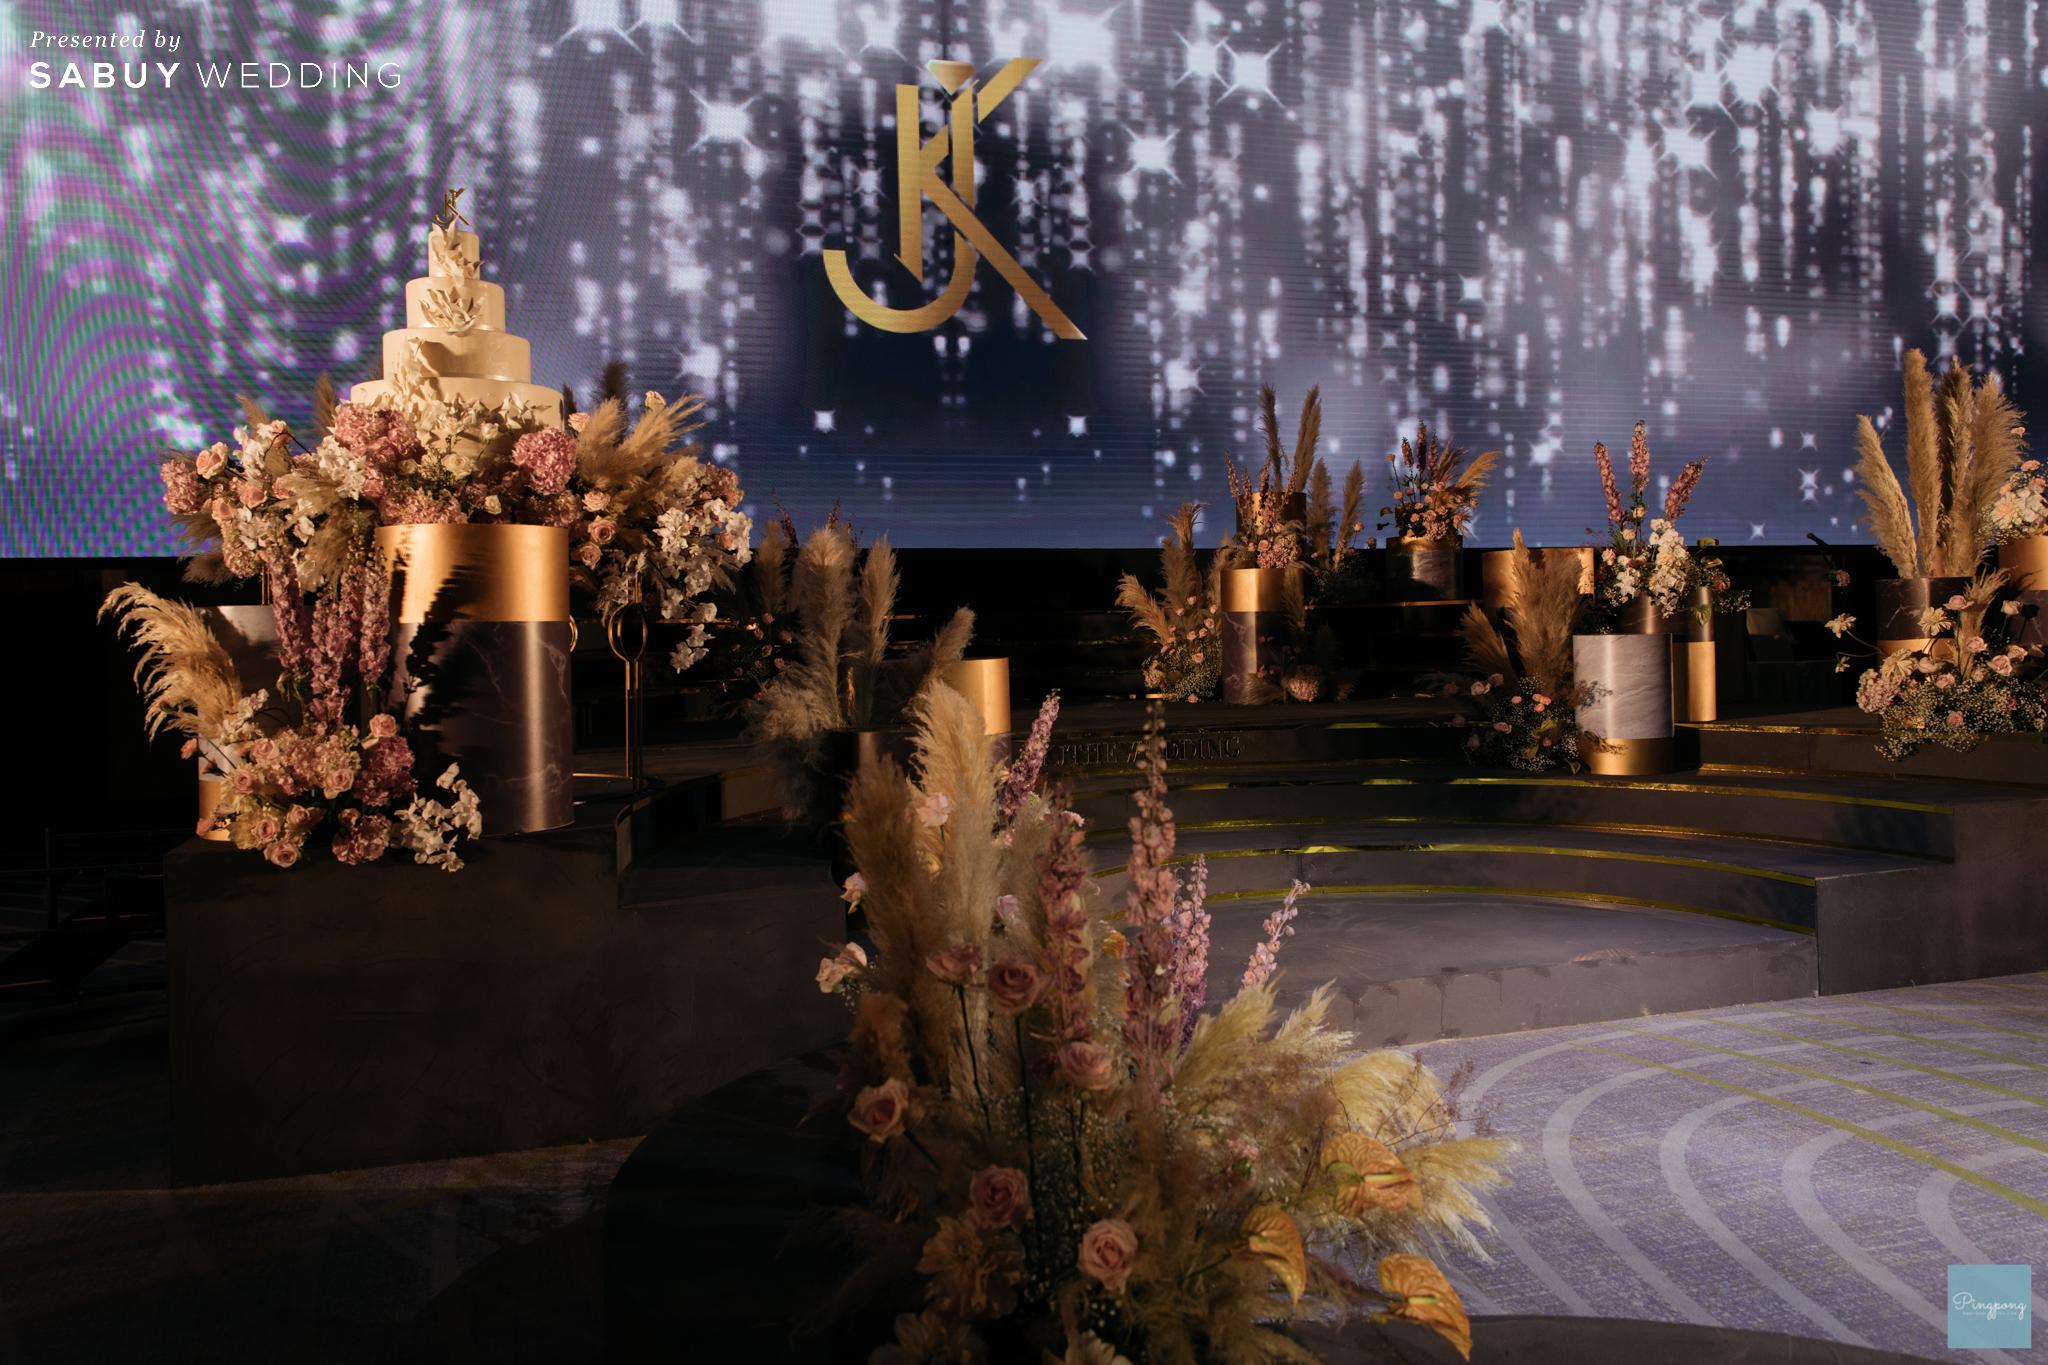 รีวิวงานแต่งสวยปังดูดี ด้วยโทนสีและจอ LED สุดอลัง @ Conrad Bangkok